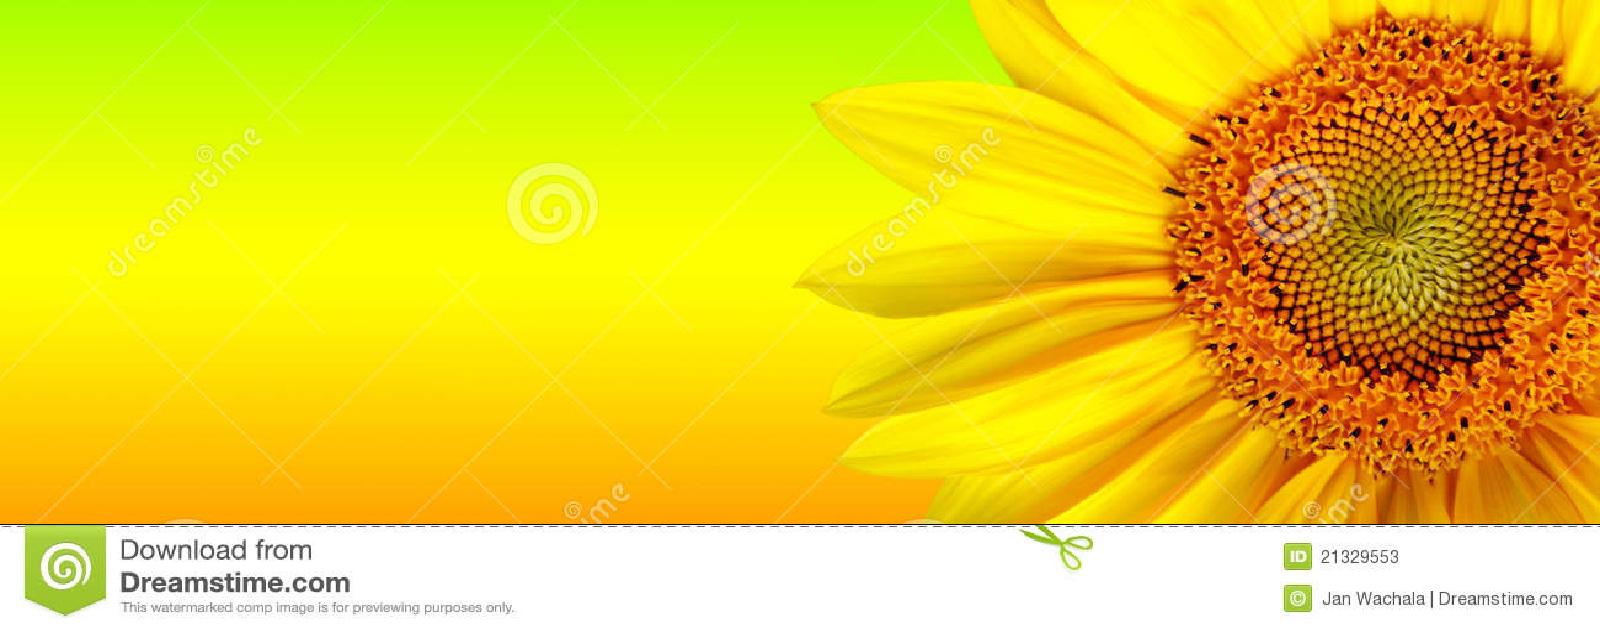 Sunflower banner stock illustration. Illustration of spot ...